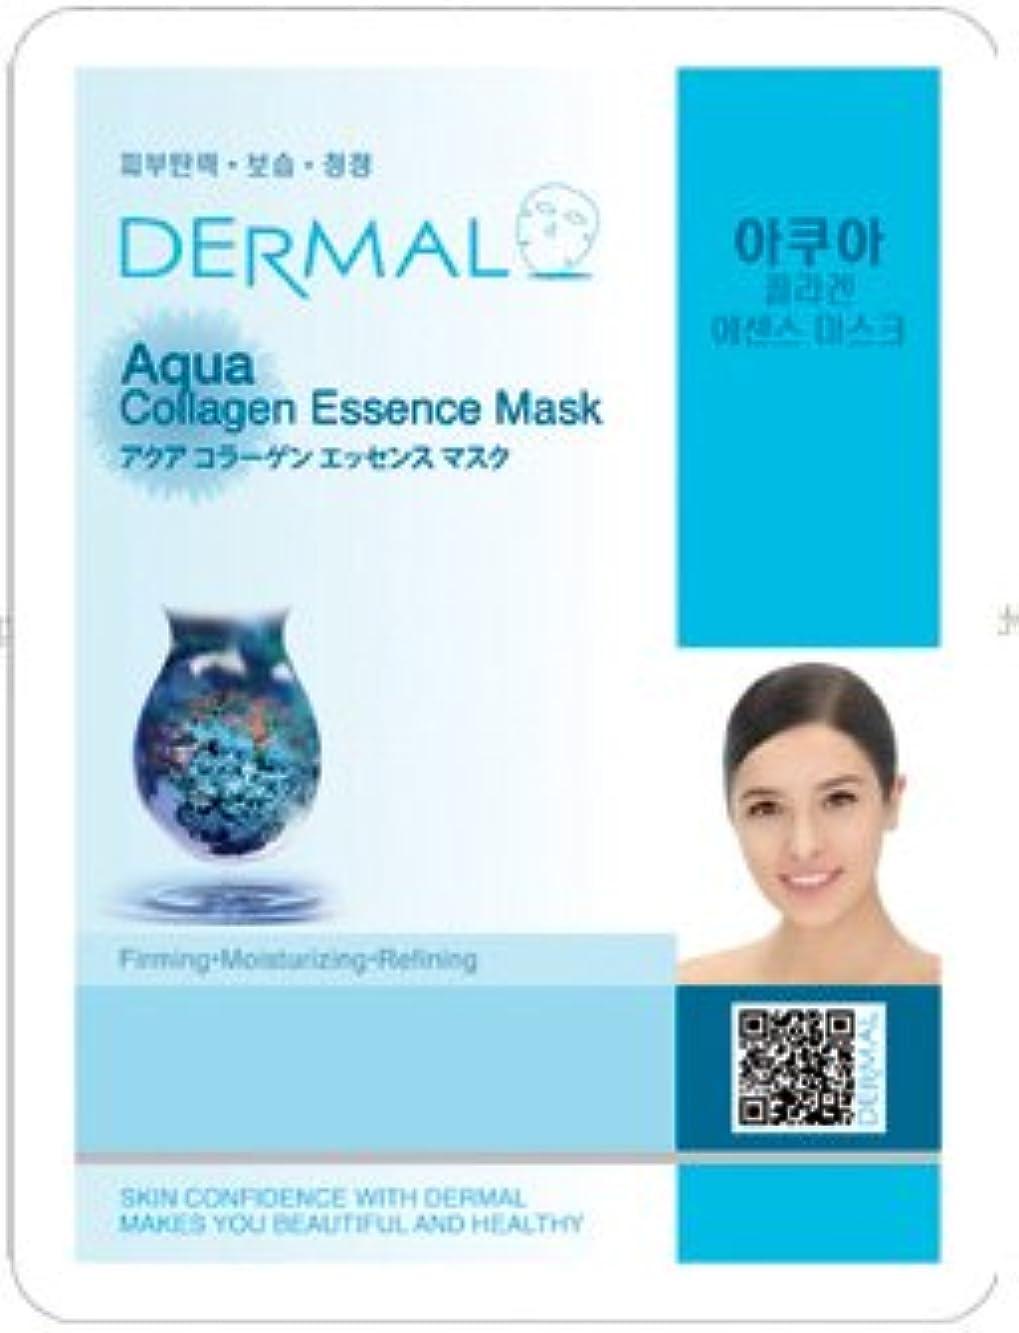 変更可能病んでいるレトルトシートマスク アクア 100枚セット ダーマル(Dermal) フェイス パック